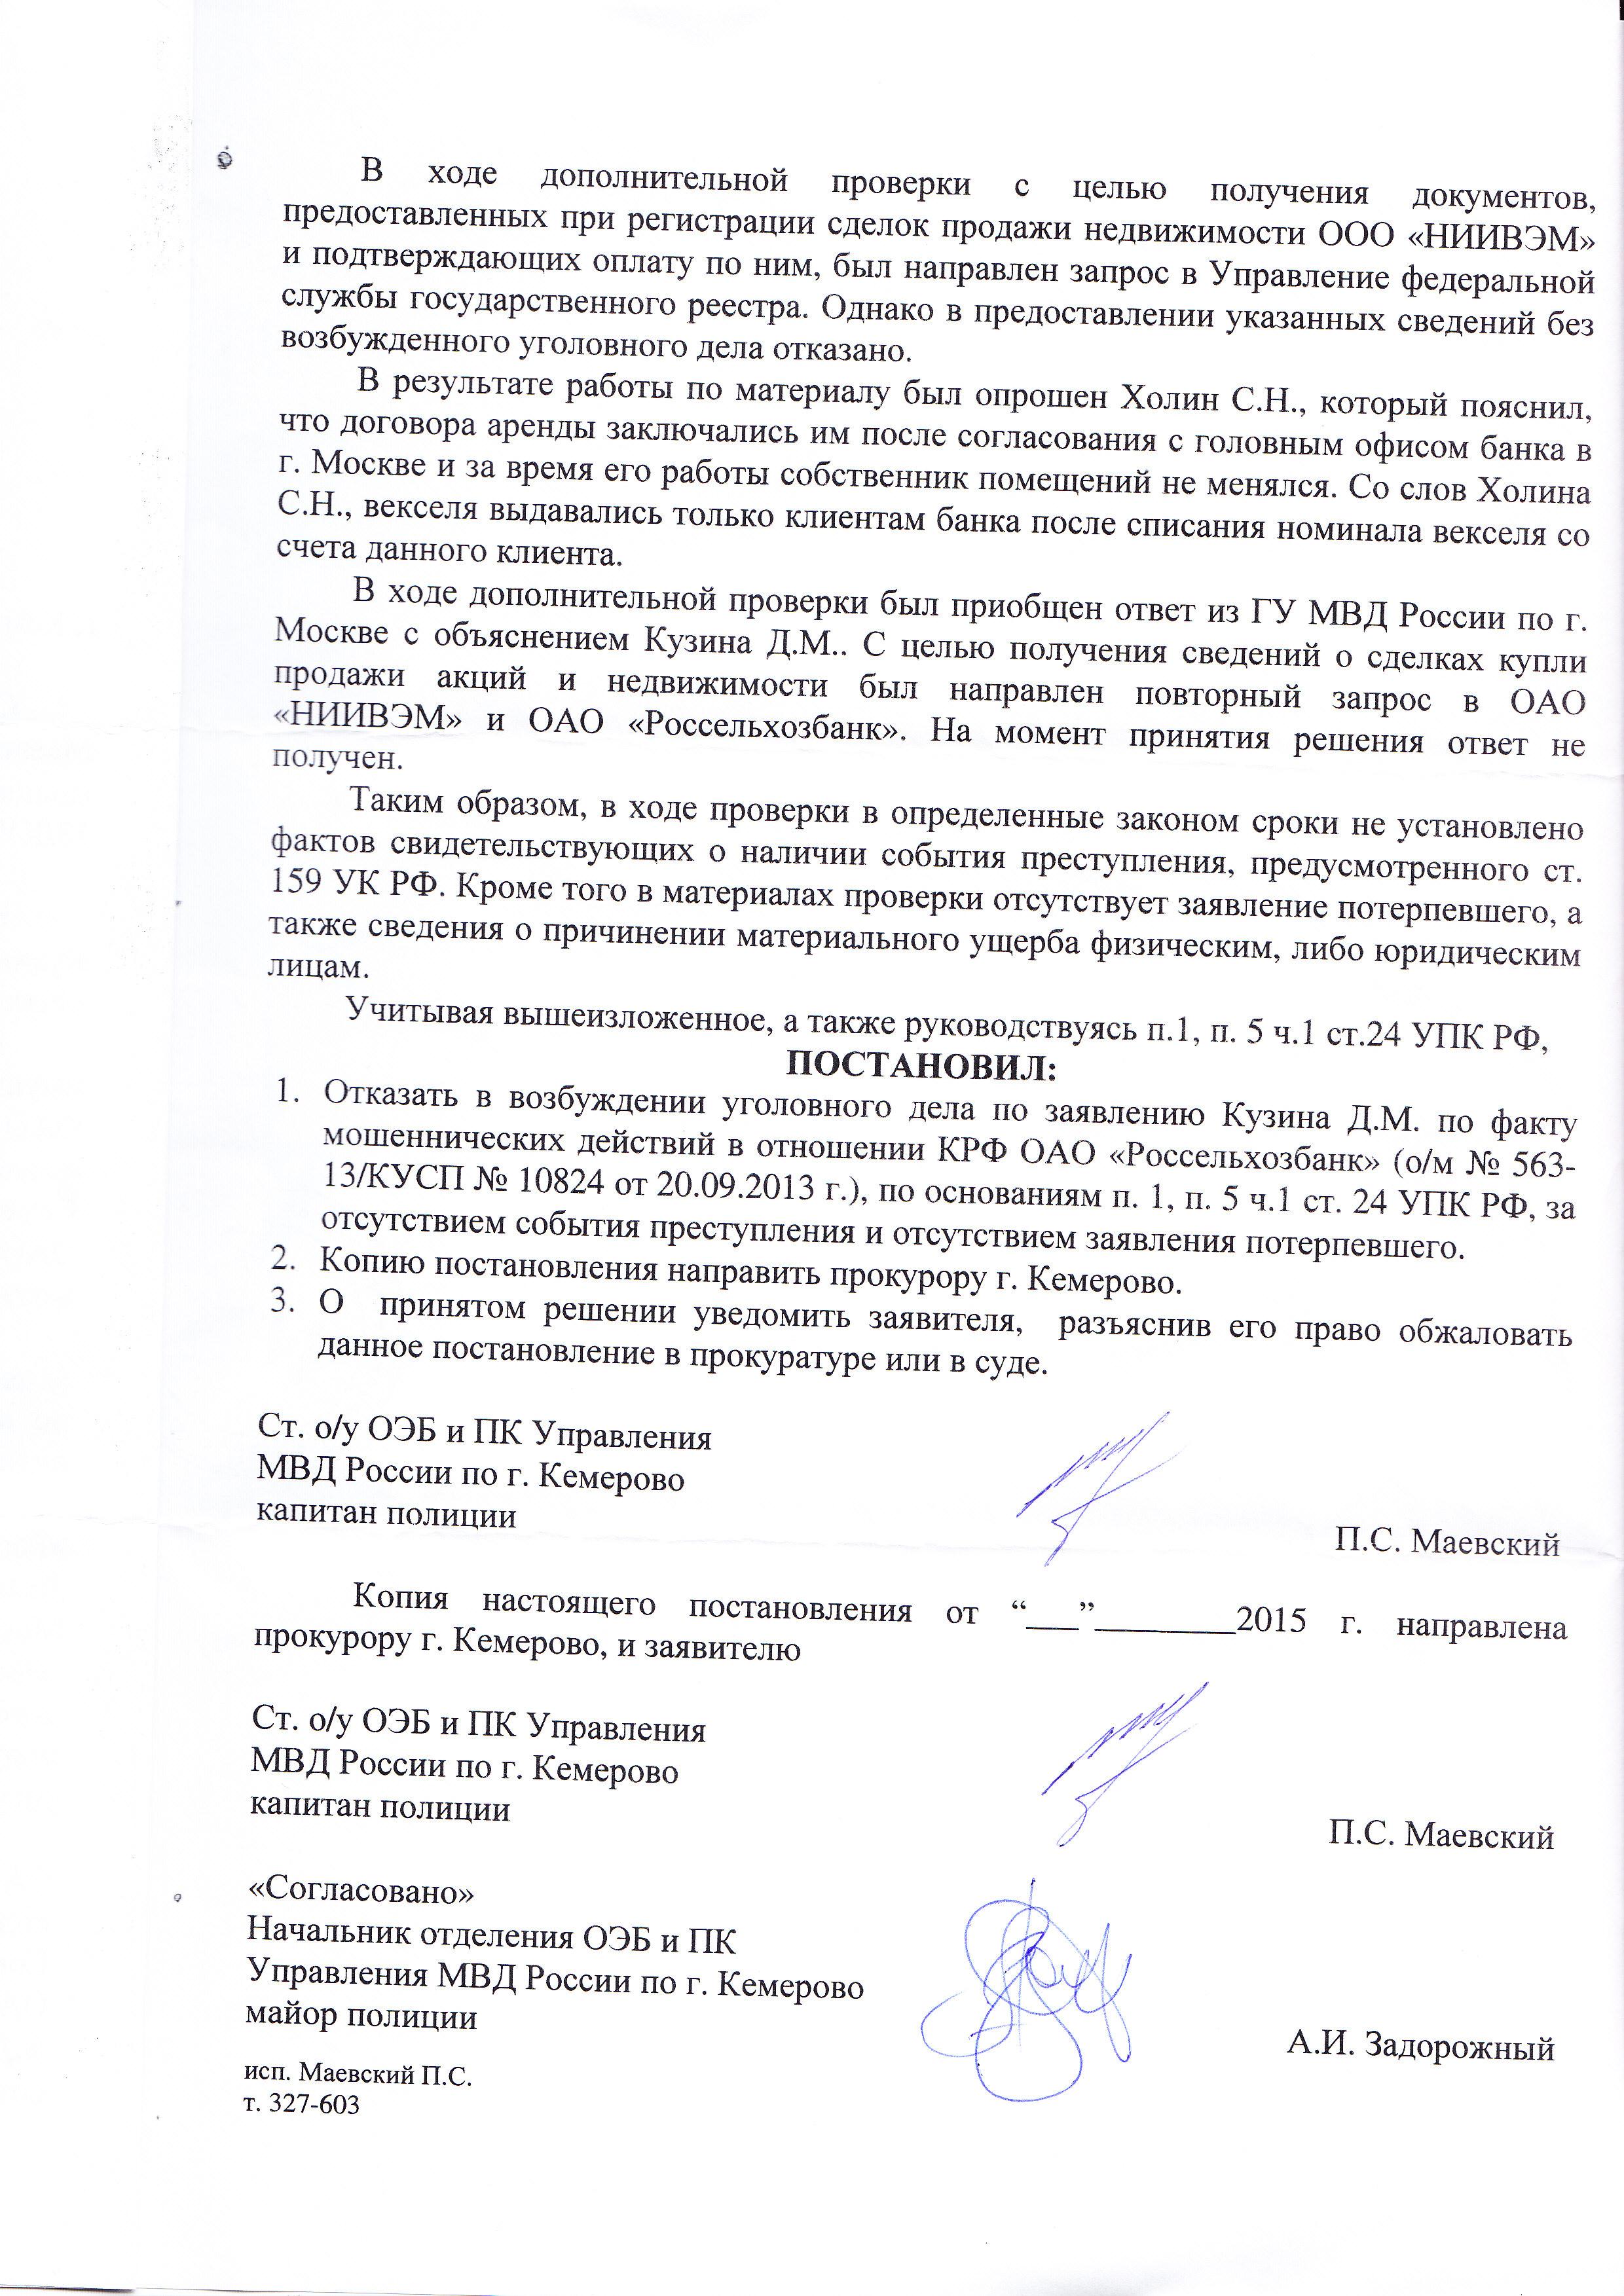 Постановление УВД Кемерова от 08 07 2015 - 2 с